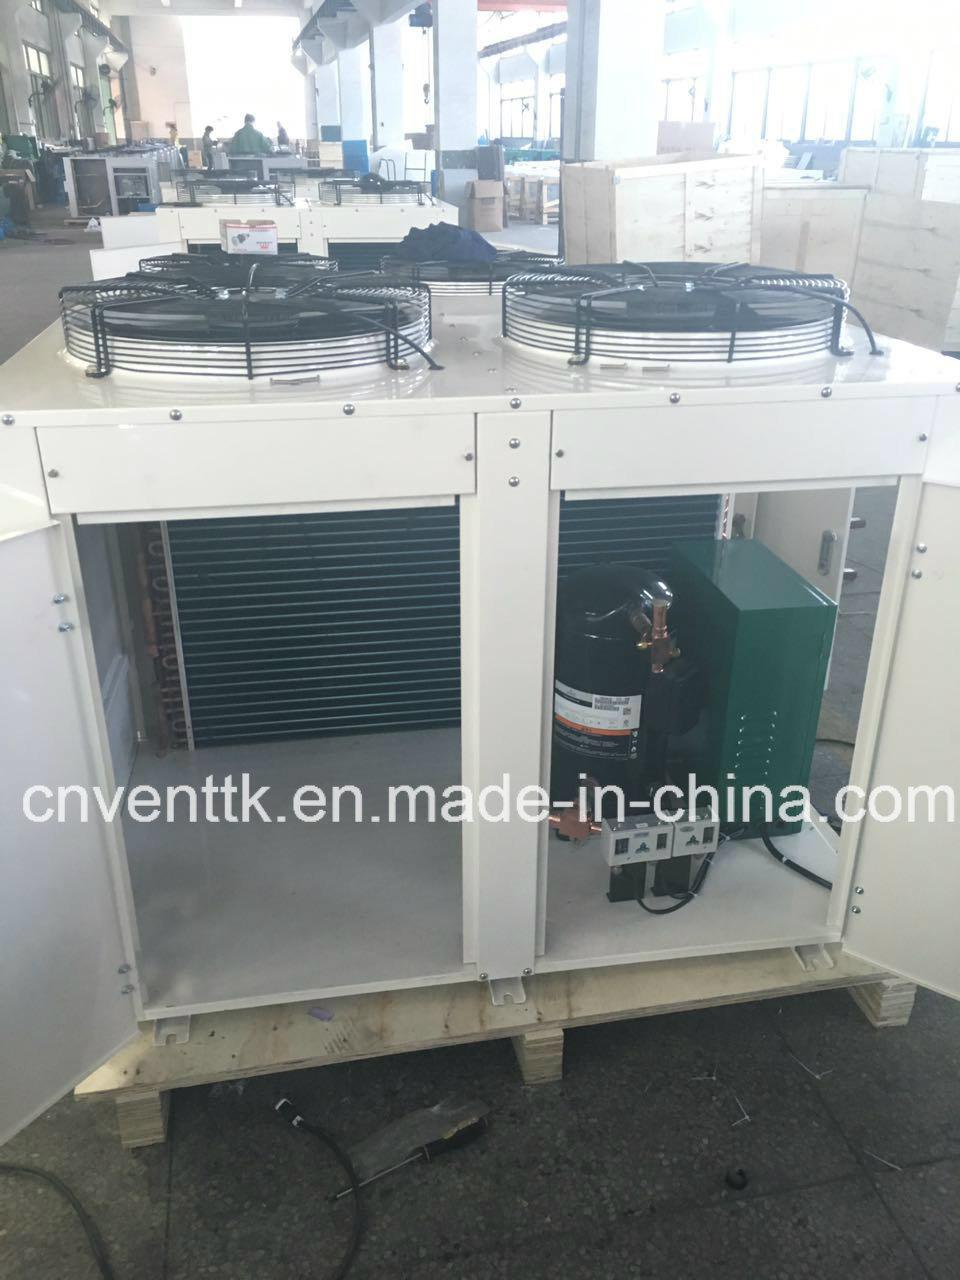 Box Type Copeland Compressor Condenser Units